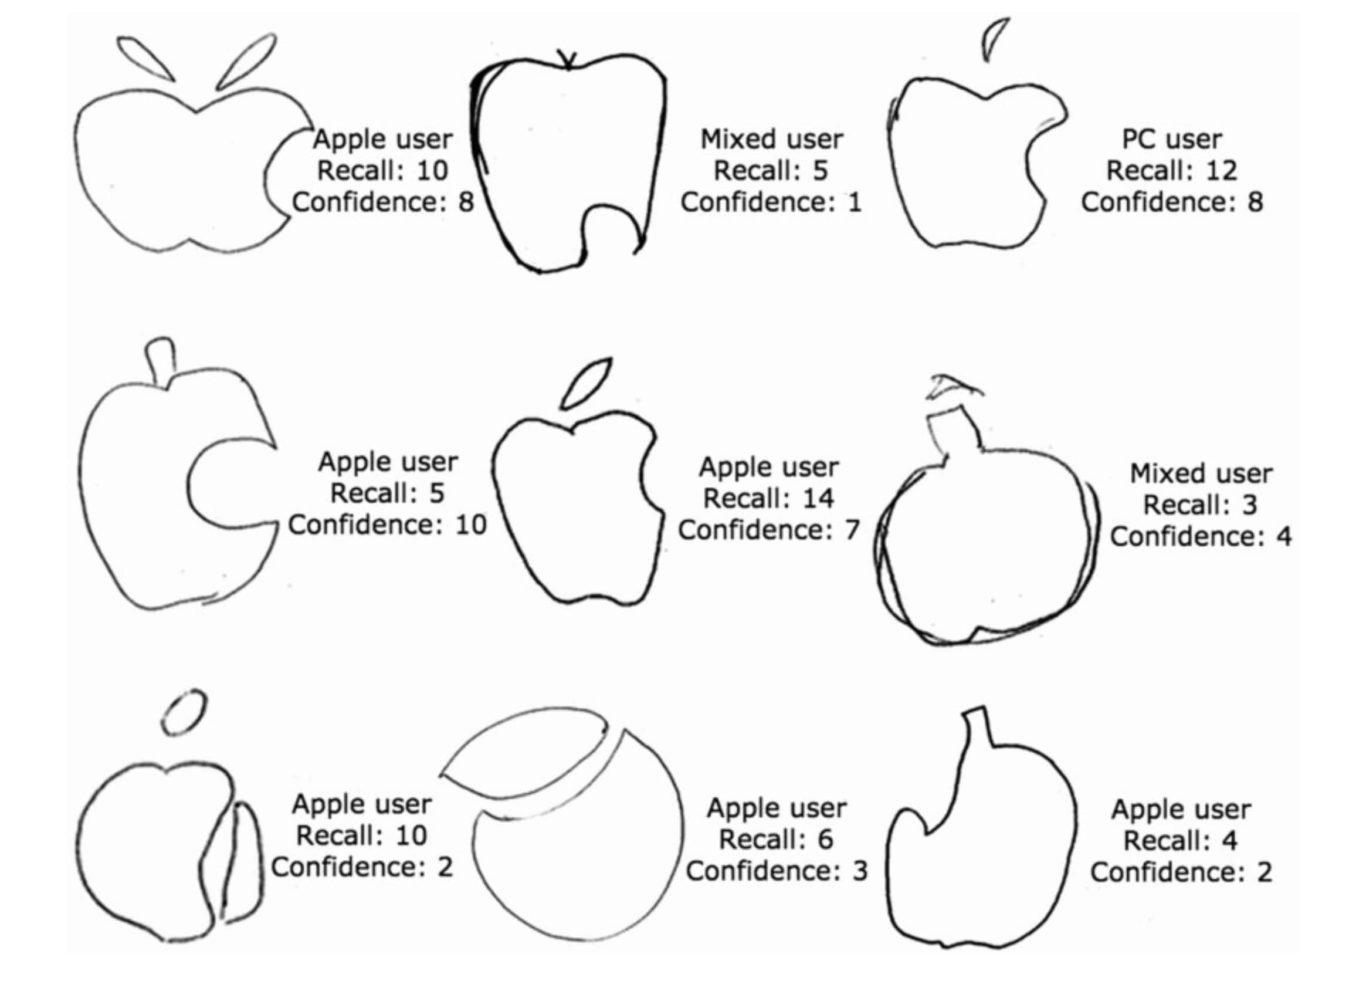 Riconoscibilità del logo Apple.